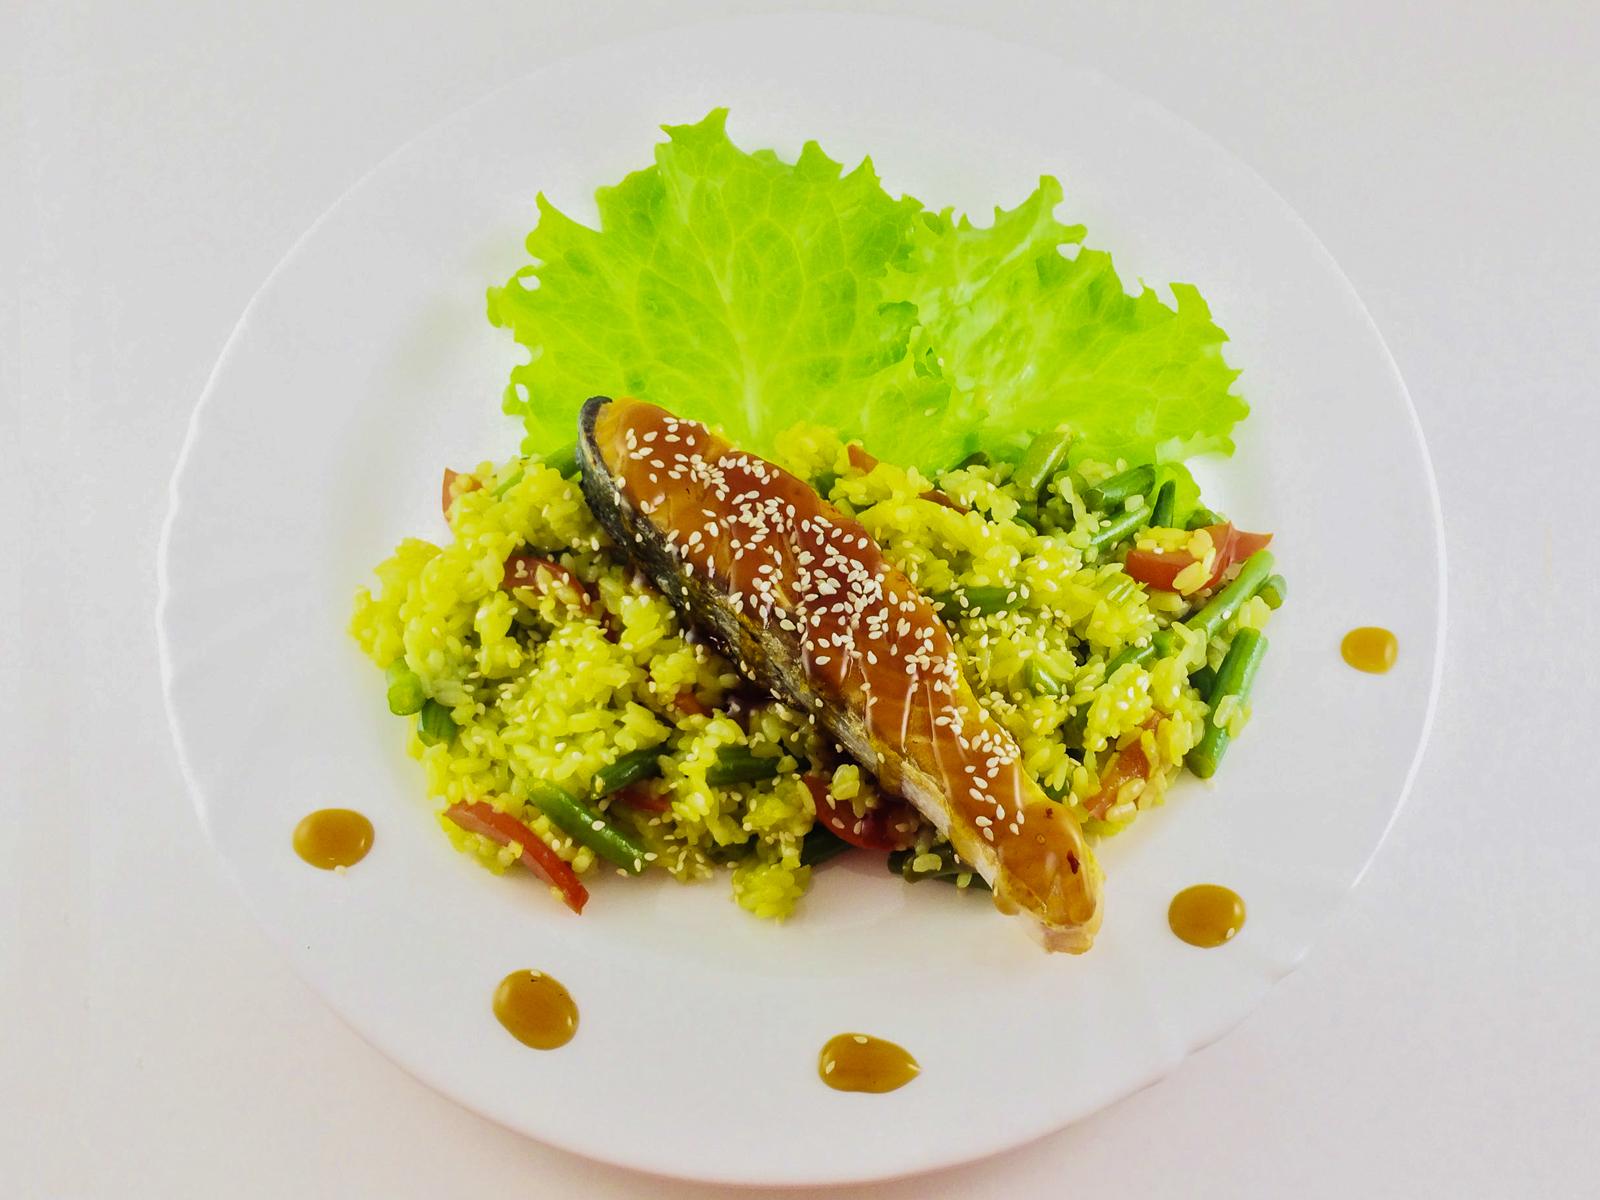 Стейк лосося с мpaмopным рисом